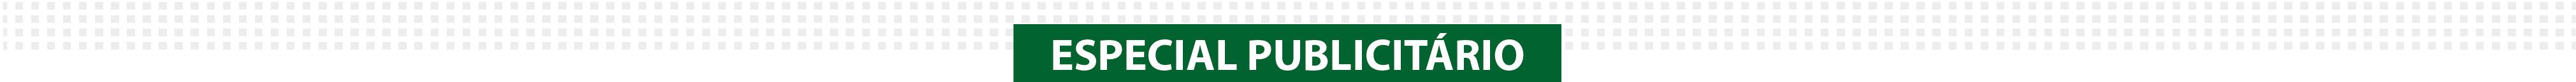 Cabeçalho Publieditoriais